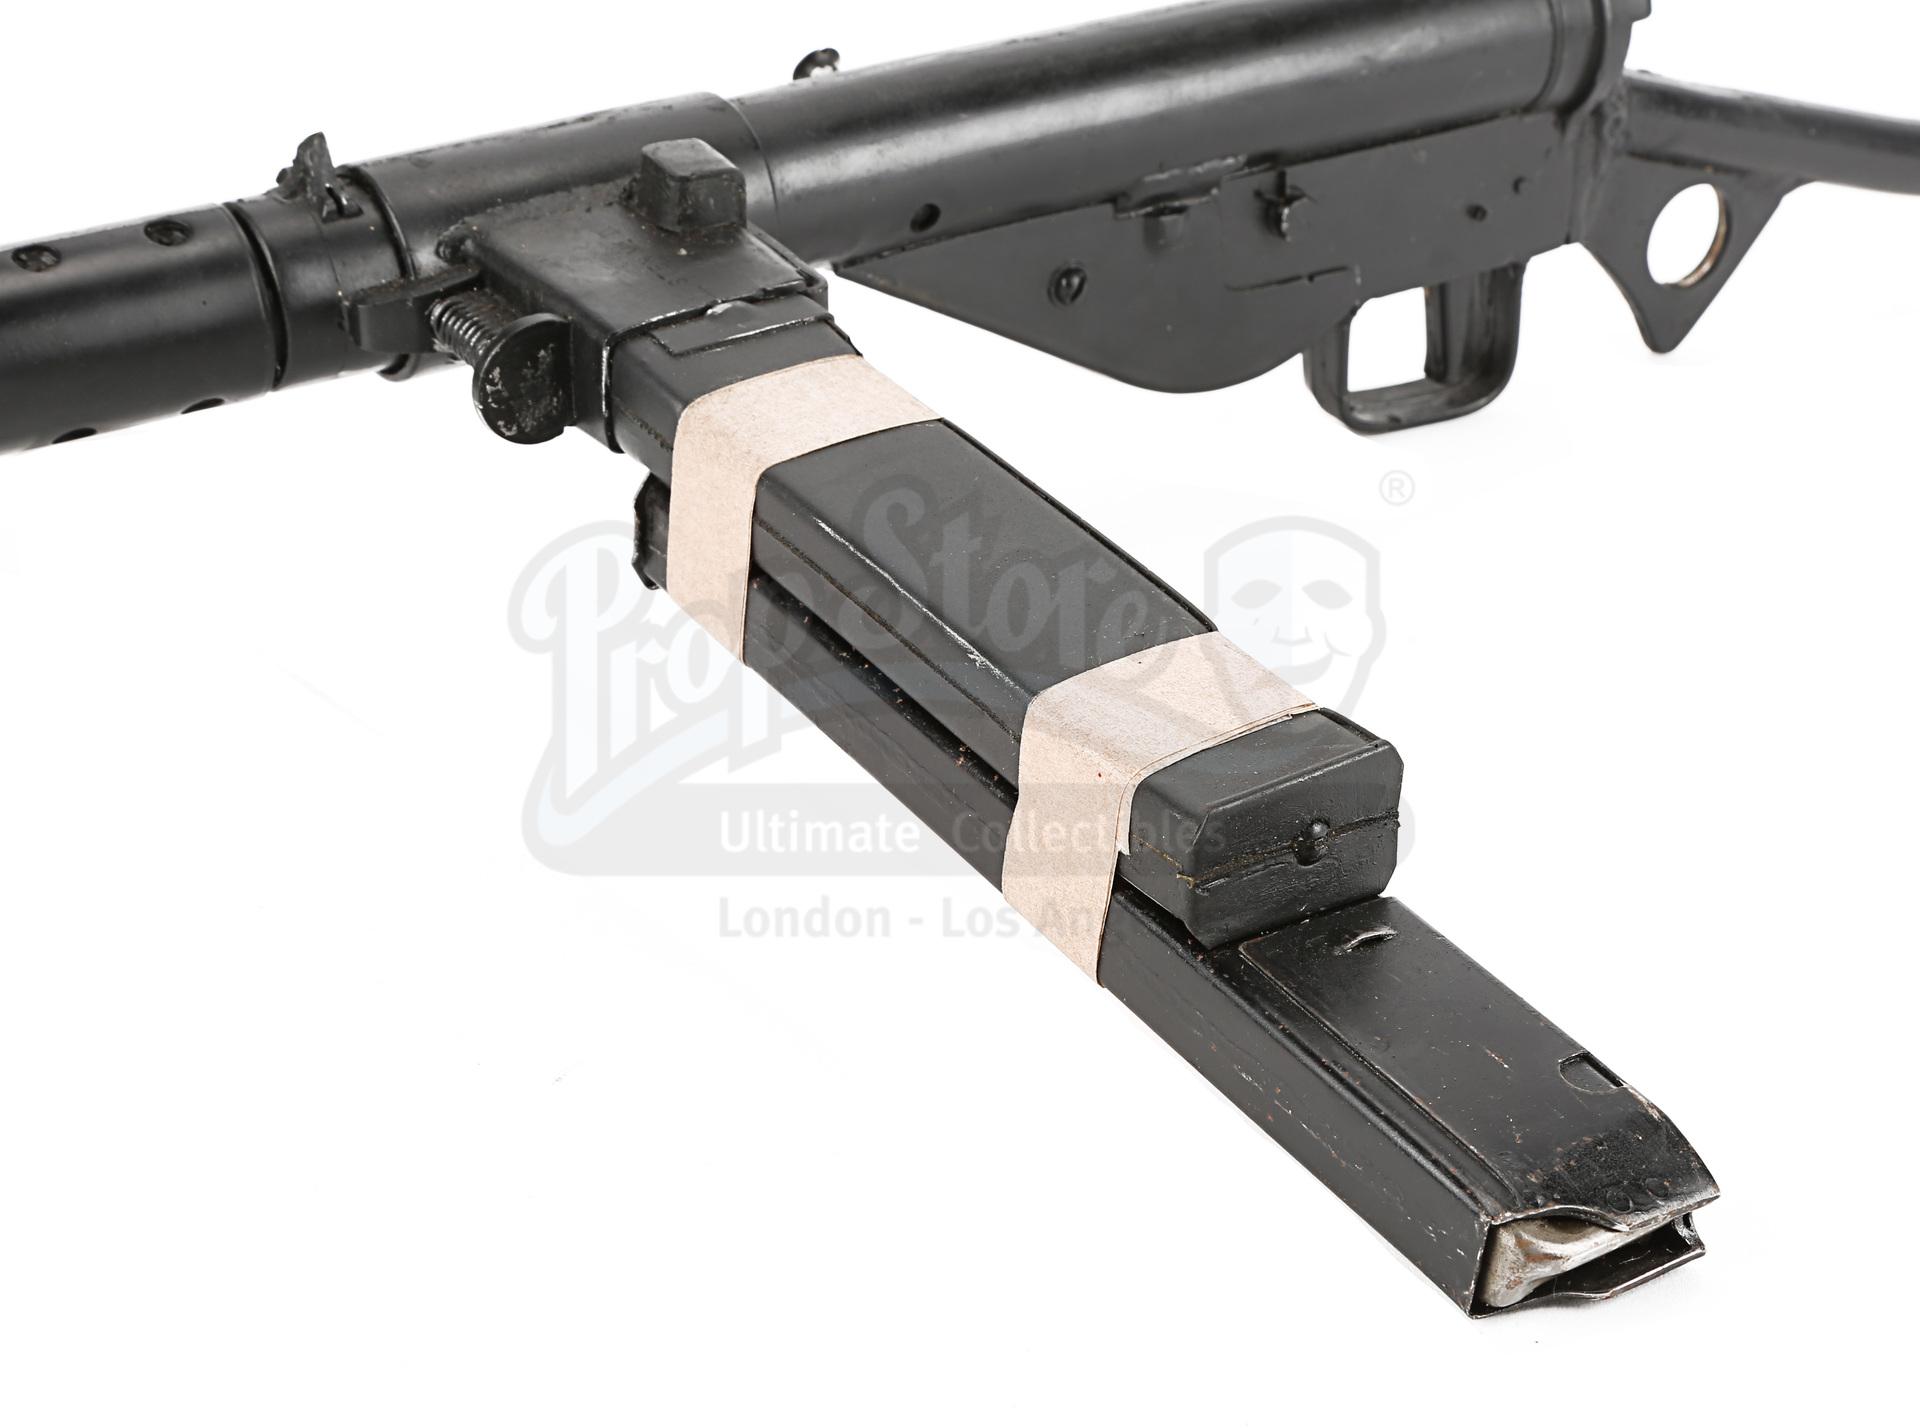 ALLIED (2016) - Max's (Brad Pitt) Sten Submachine Gun - Image 4 of 15